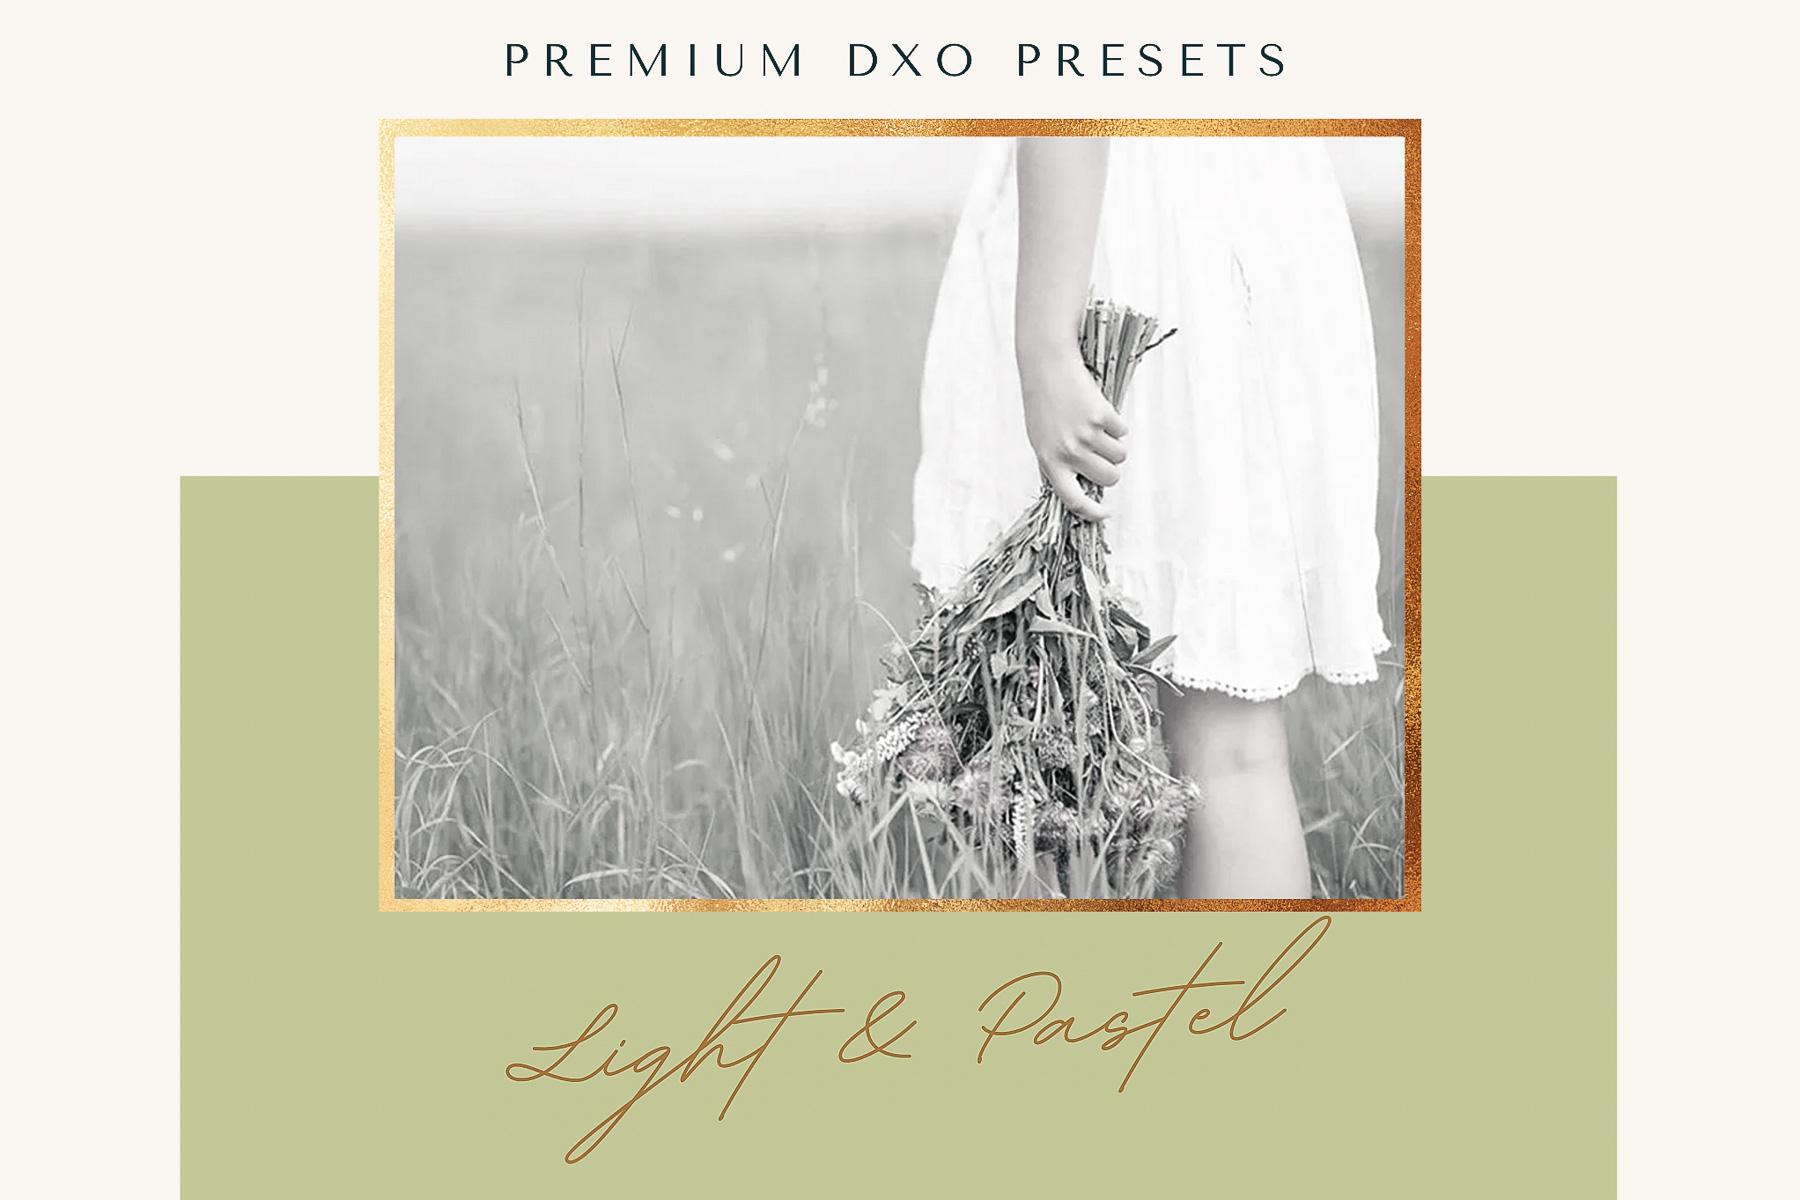 Light & Pastel DxO Presets from PixaFOTO.com